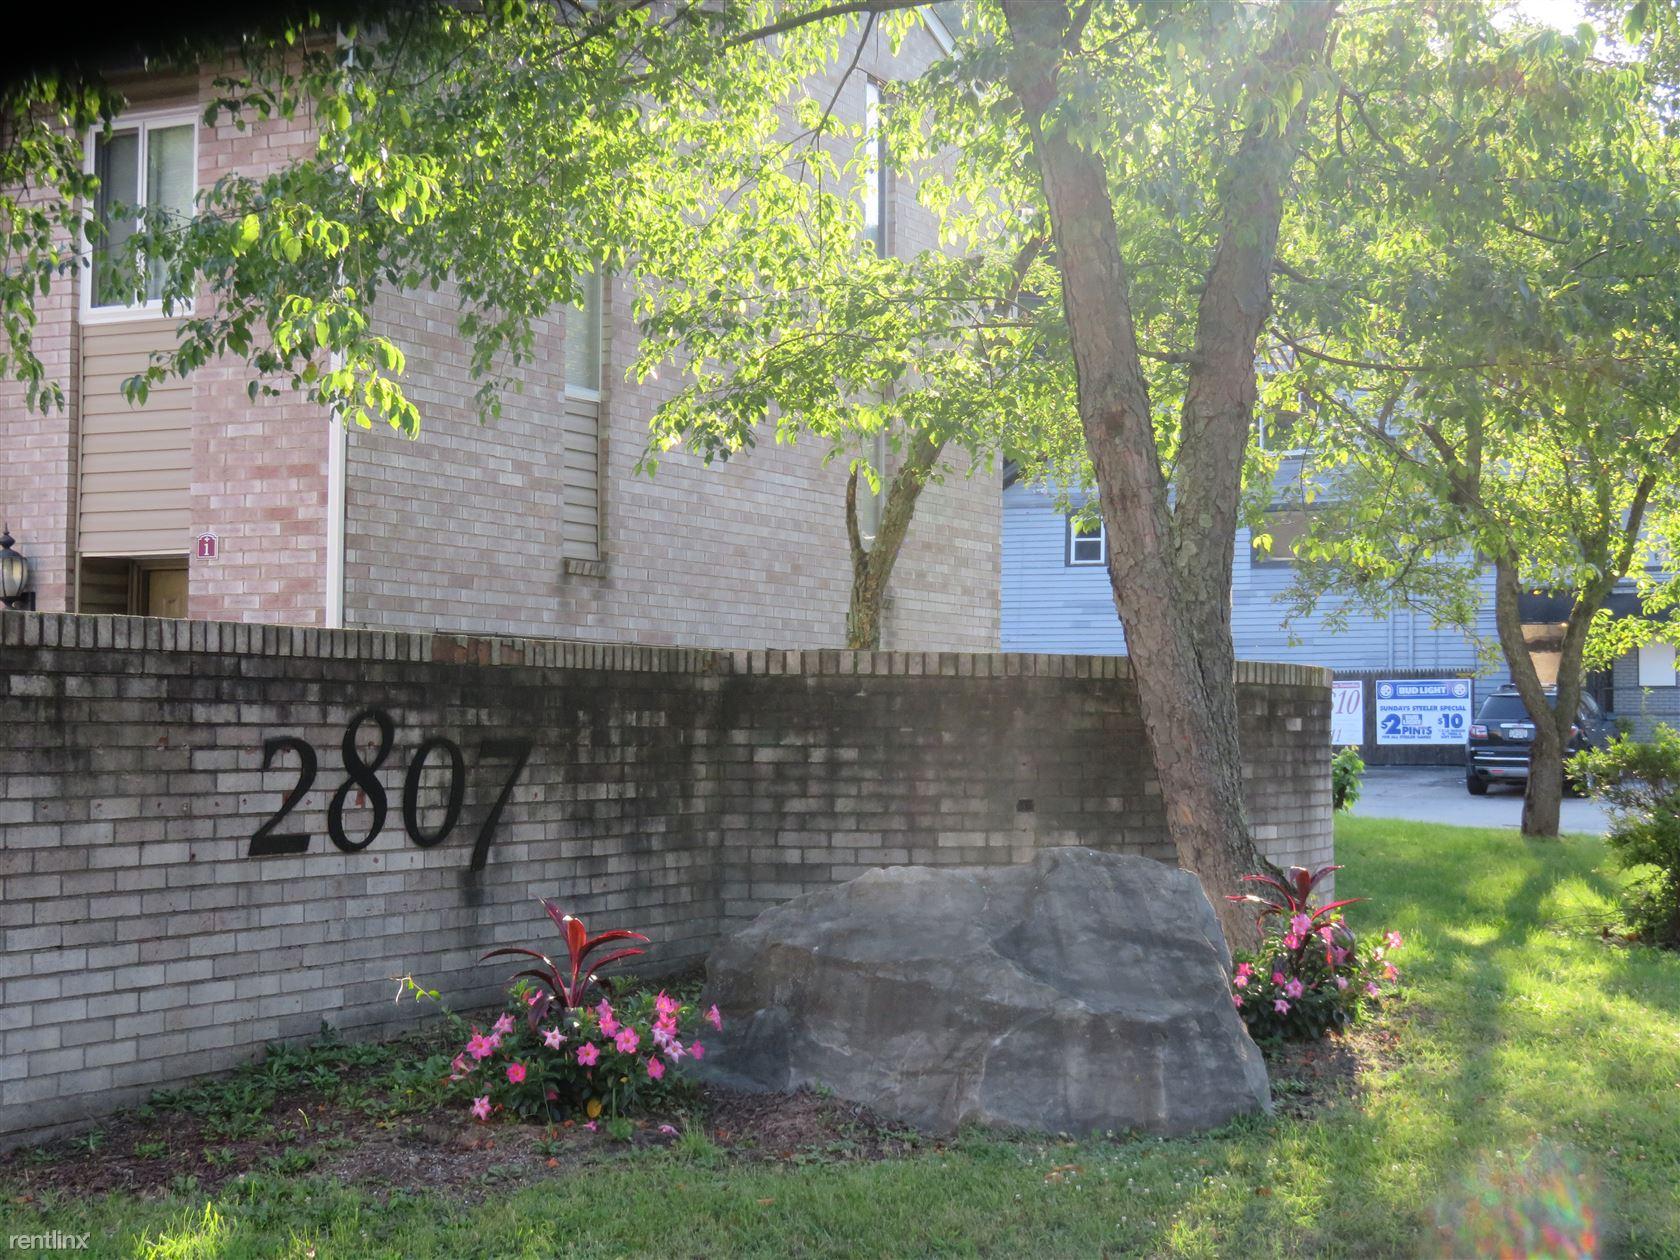 2807 Lincoln Way, White Oak, PA - $905